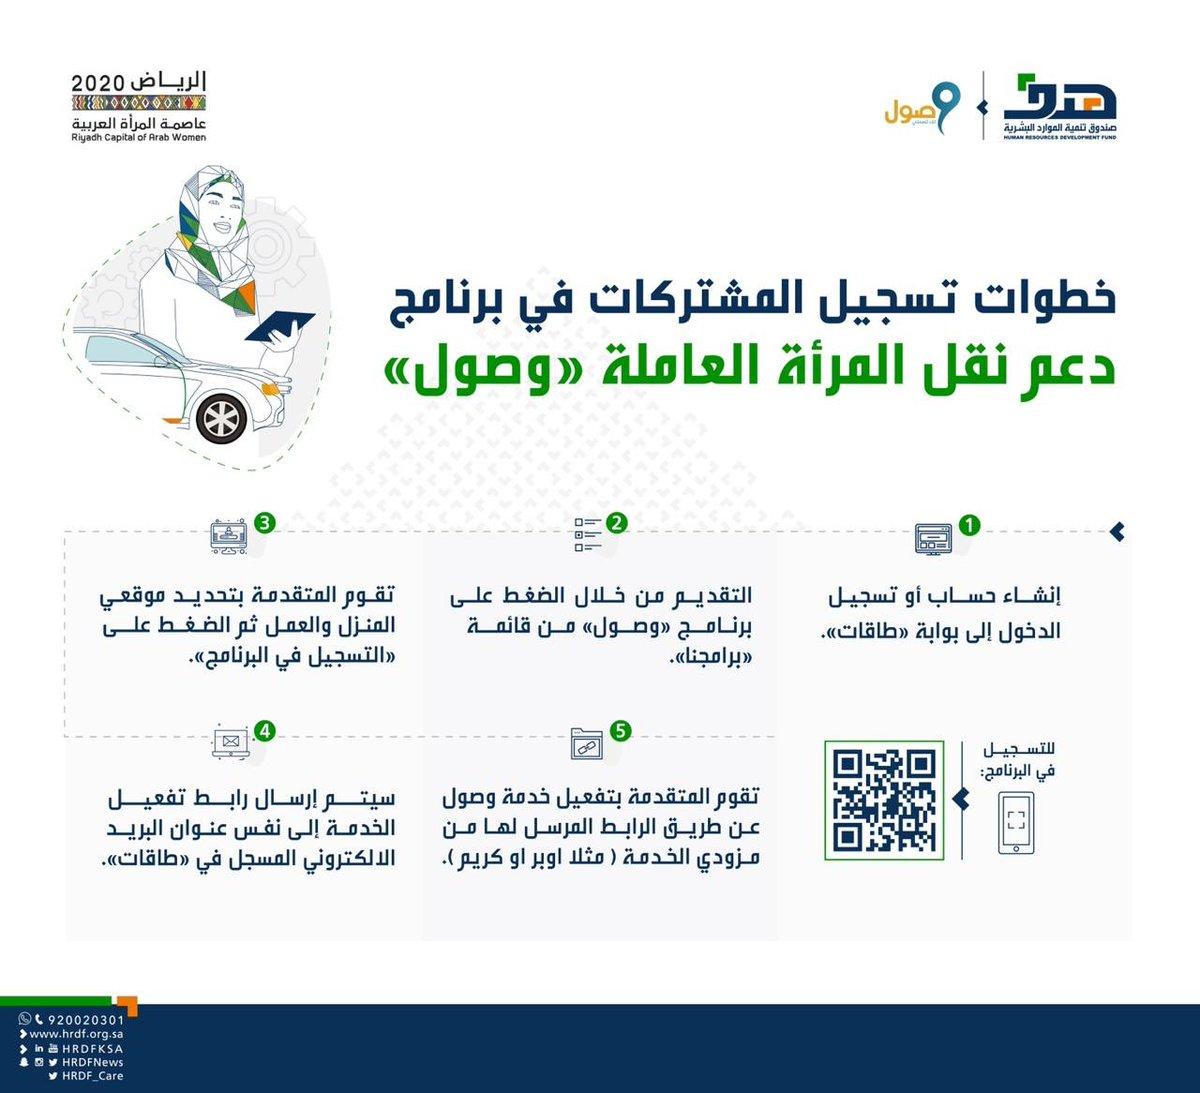 هدف On Twitter للمرأة العاملة في القطاع الخاص ي مكن التسجيل والاستفادة من برنامج دعم نقل المرأة العاملة وصول من خلال اتباع الخطوات التالية الموقع الإلكتروني Https T Co Rptdwk3e61 لك لتعملي المرأة وطن وطموح الرياض عاصمة المرأة العربية